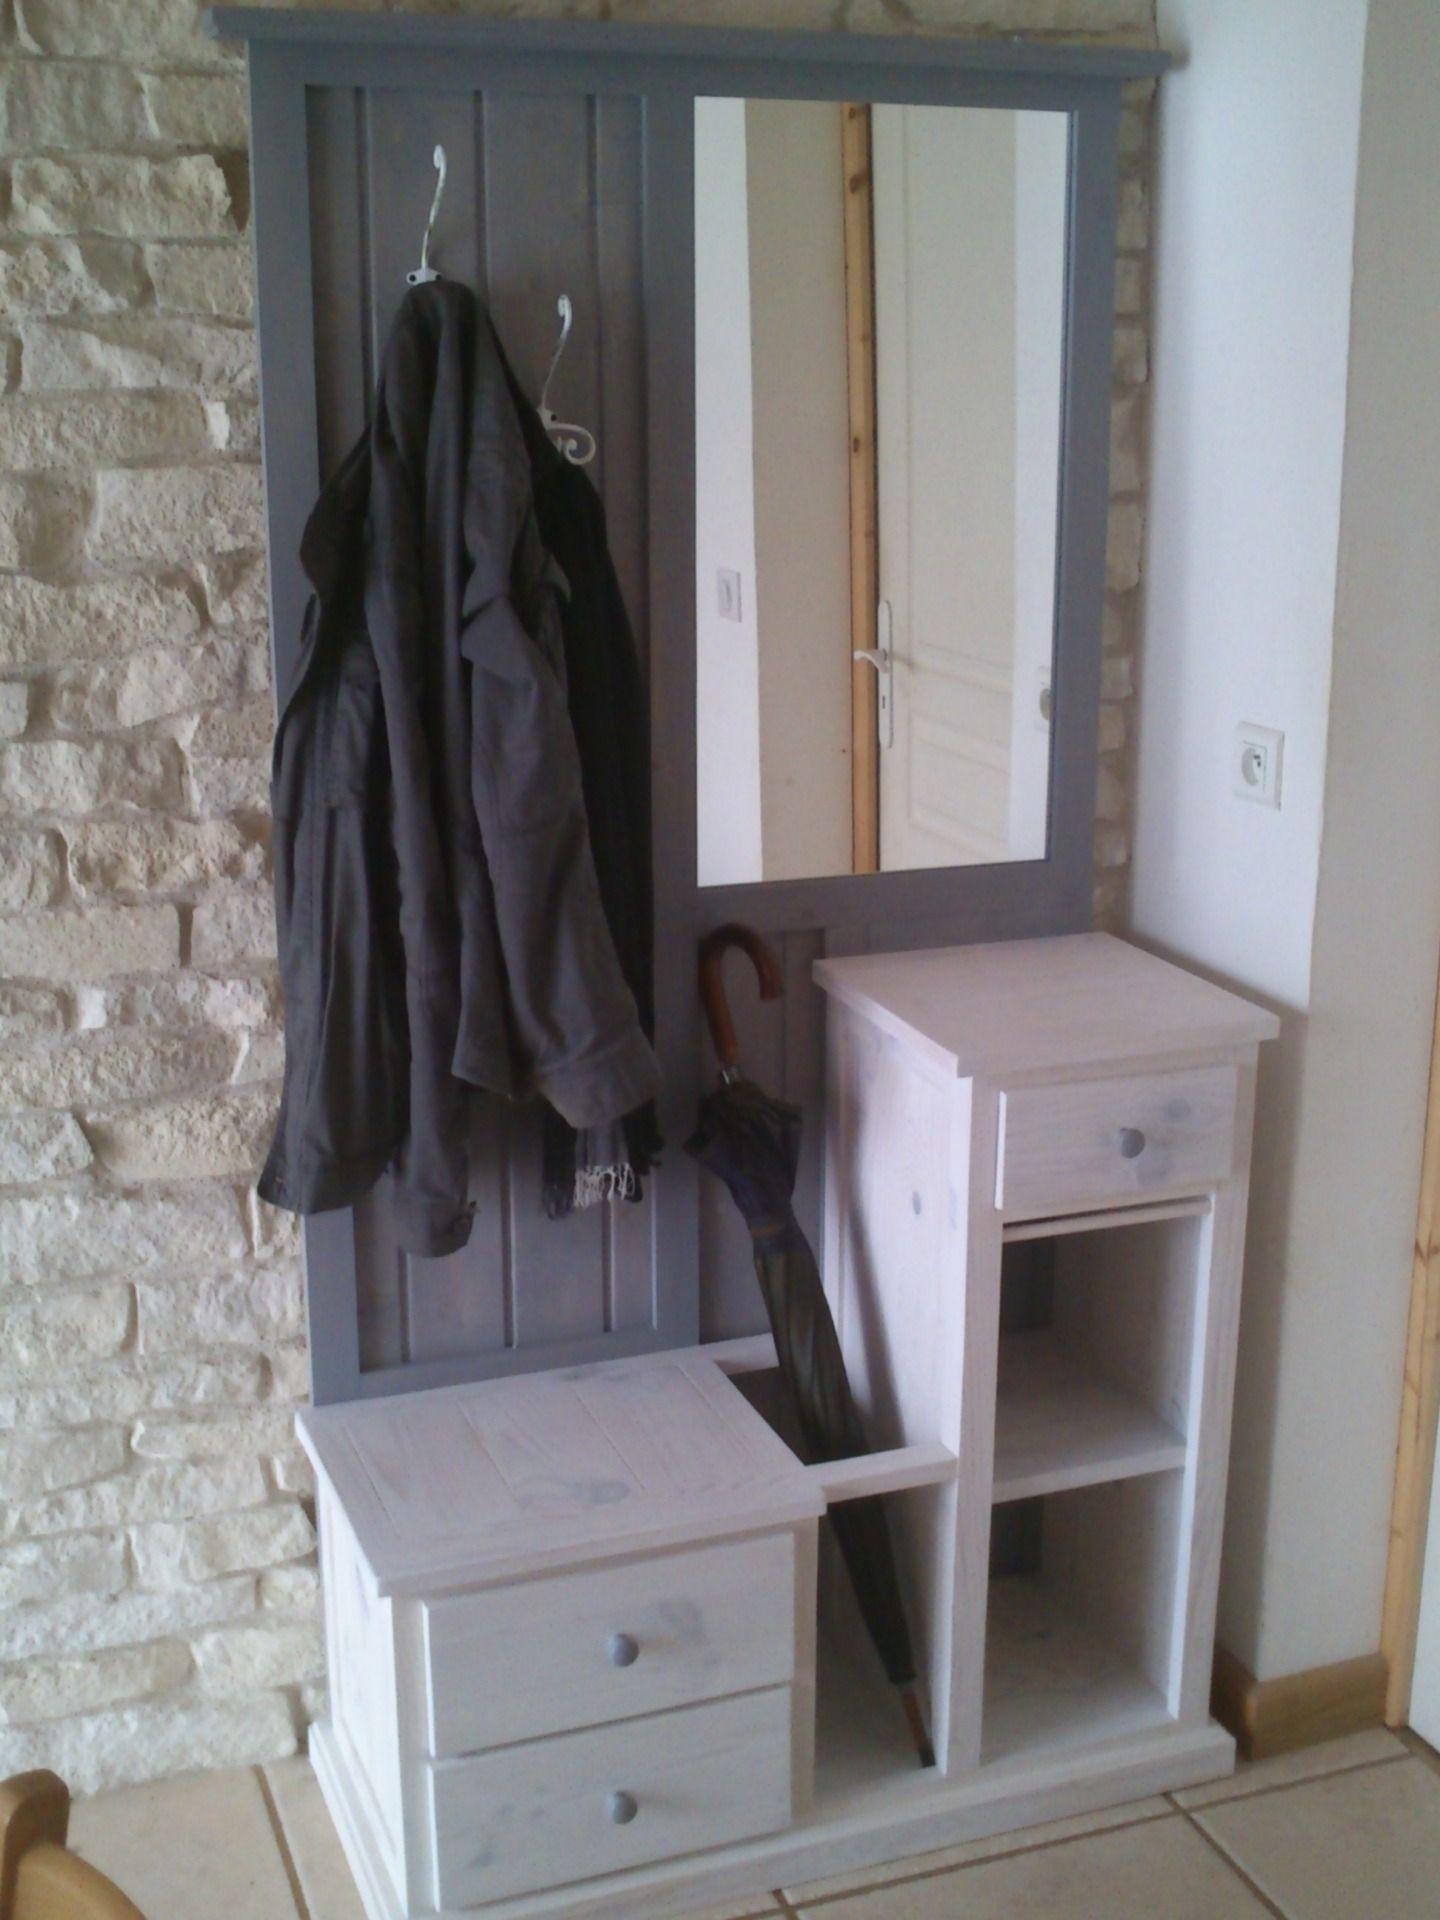 petit meuble d 39 entr e avec miroir petit meuble miroirs et entr e. Black Bedroom Furniture Sets. Home Design Ideas